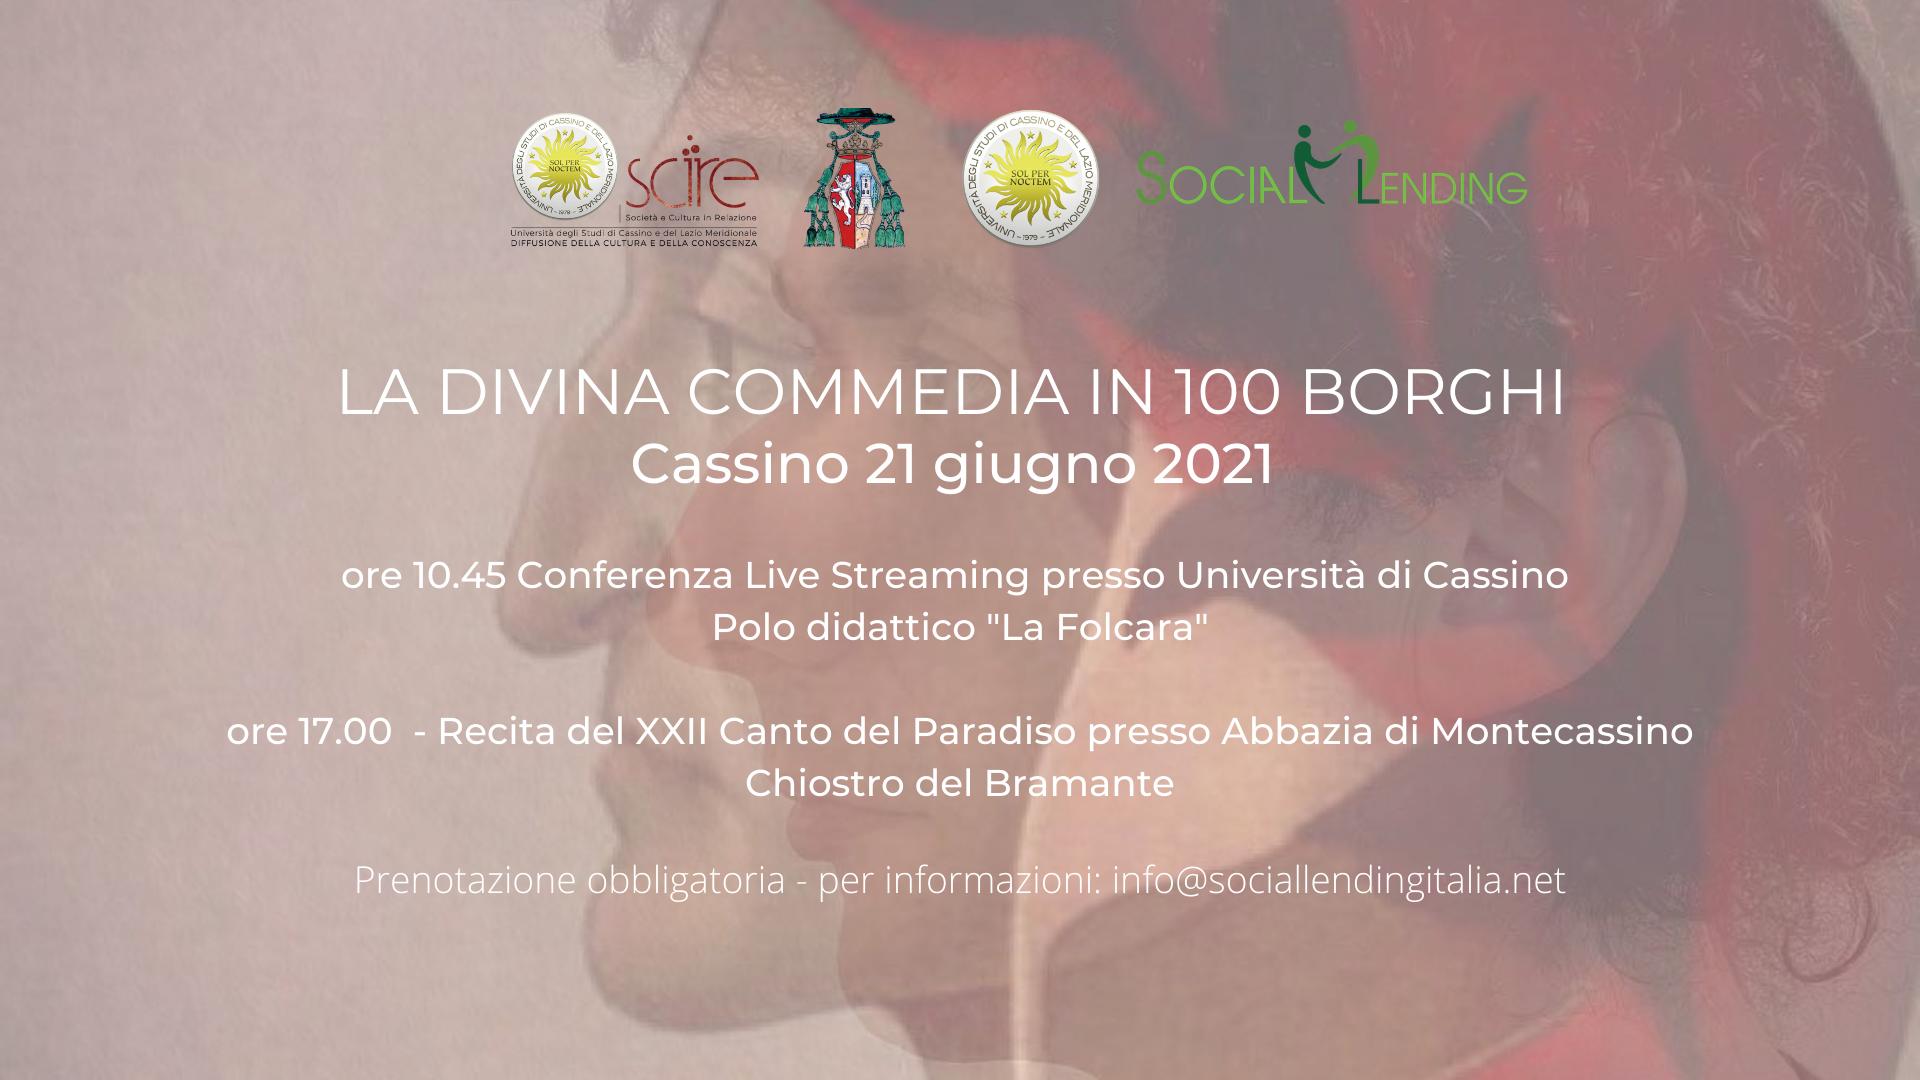 LA DIVINA COMMEDIA IN 100 BORGHI banner